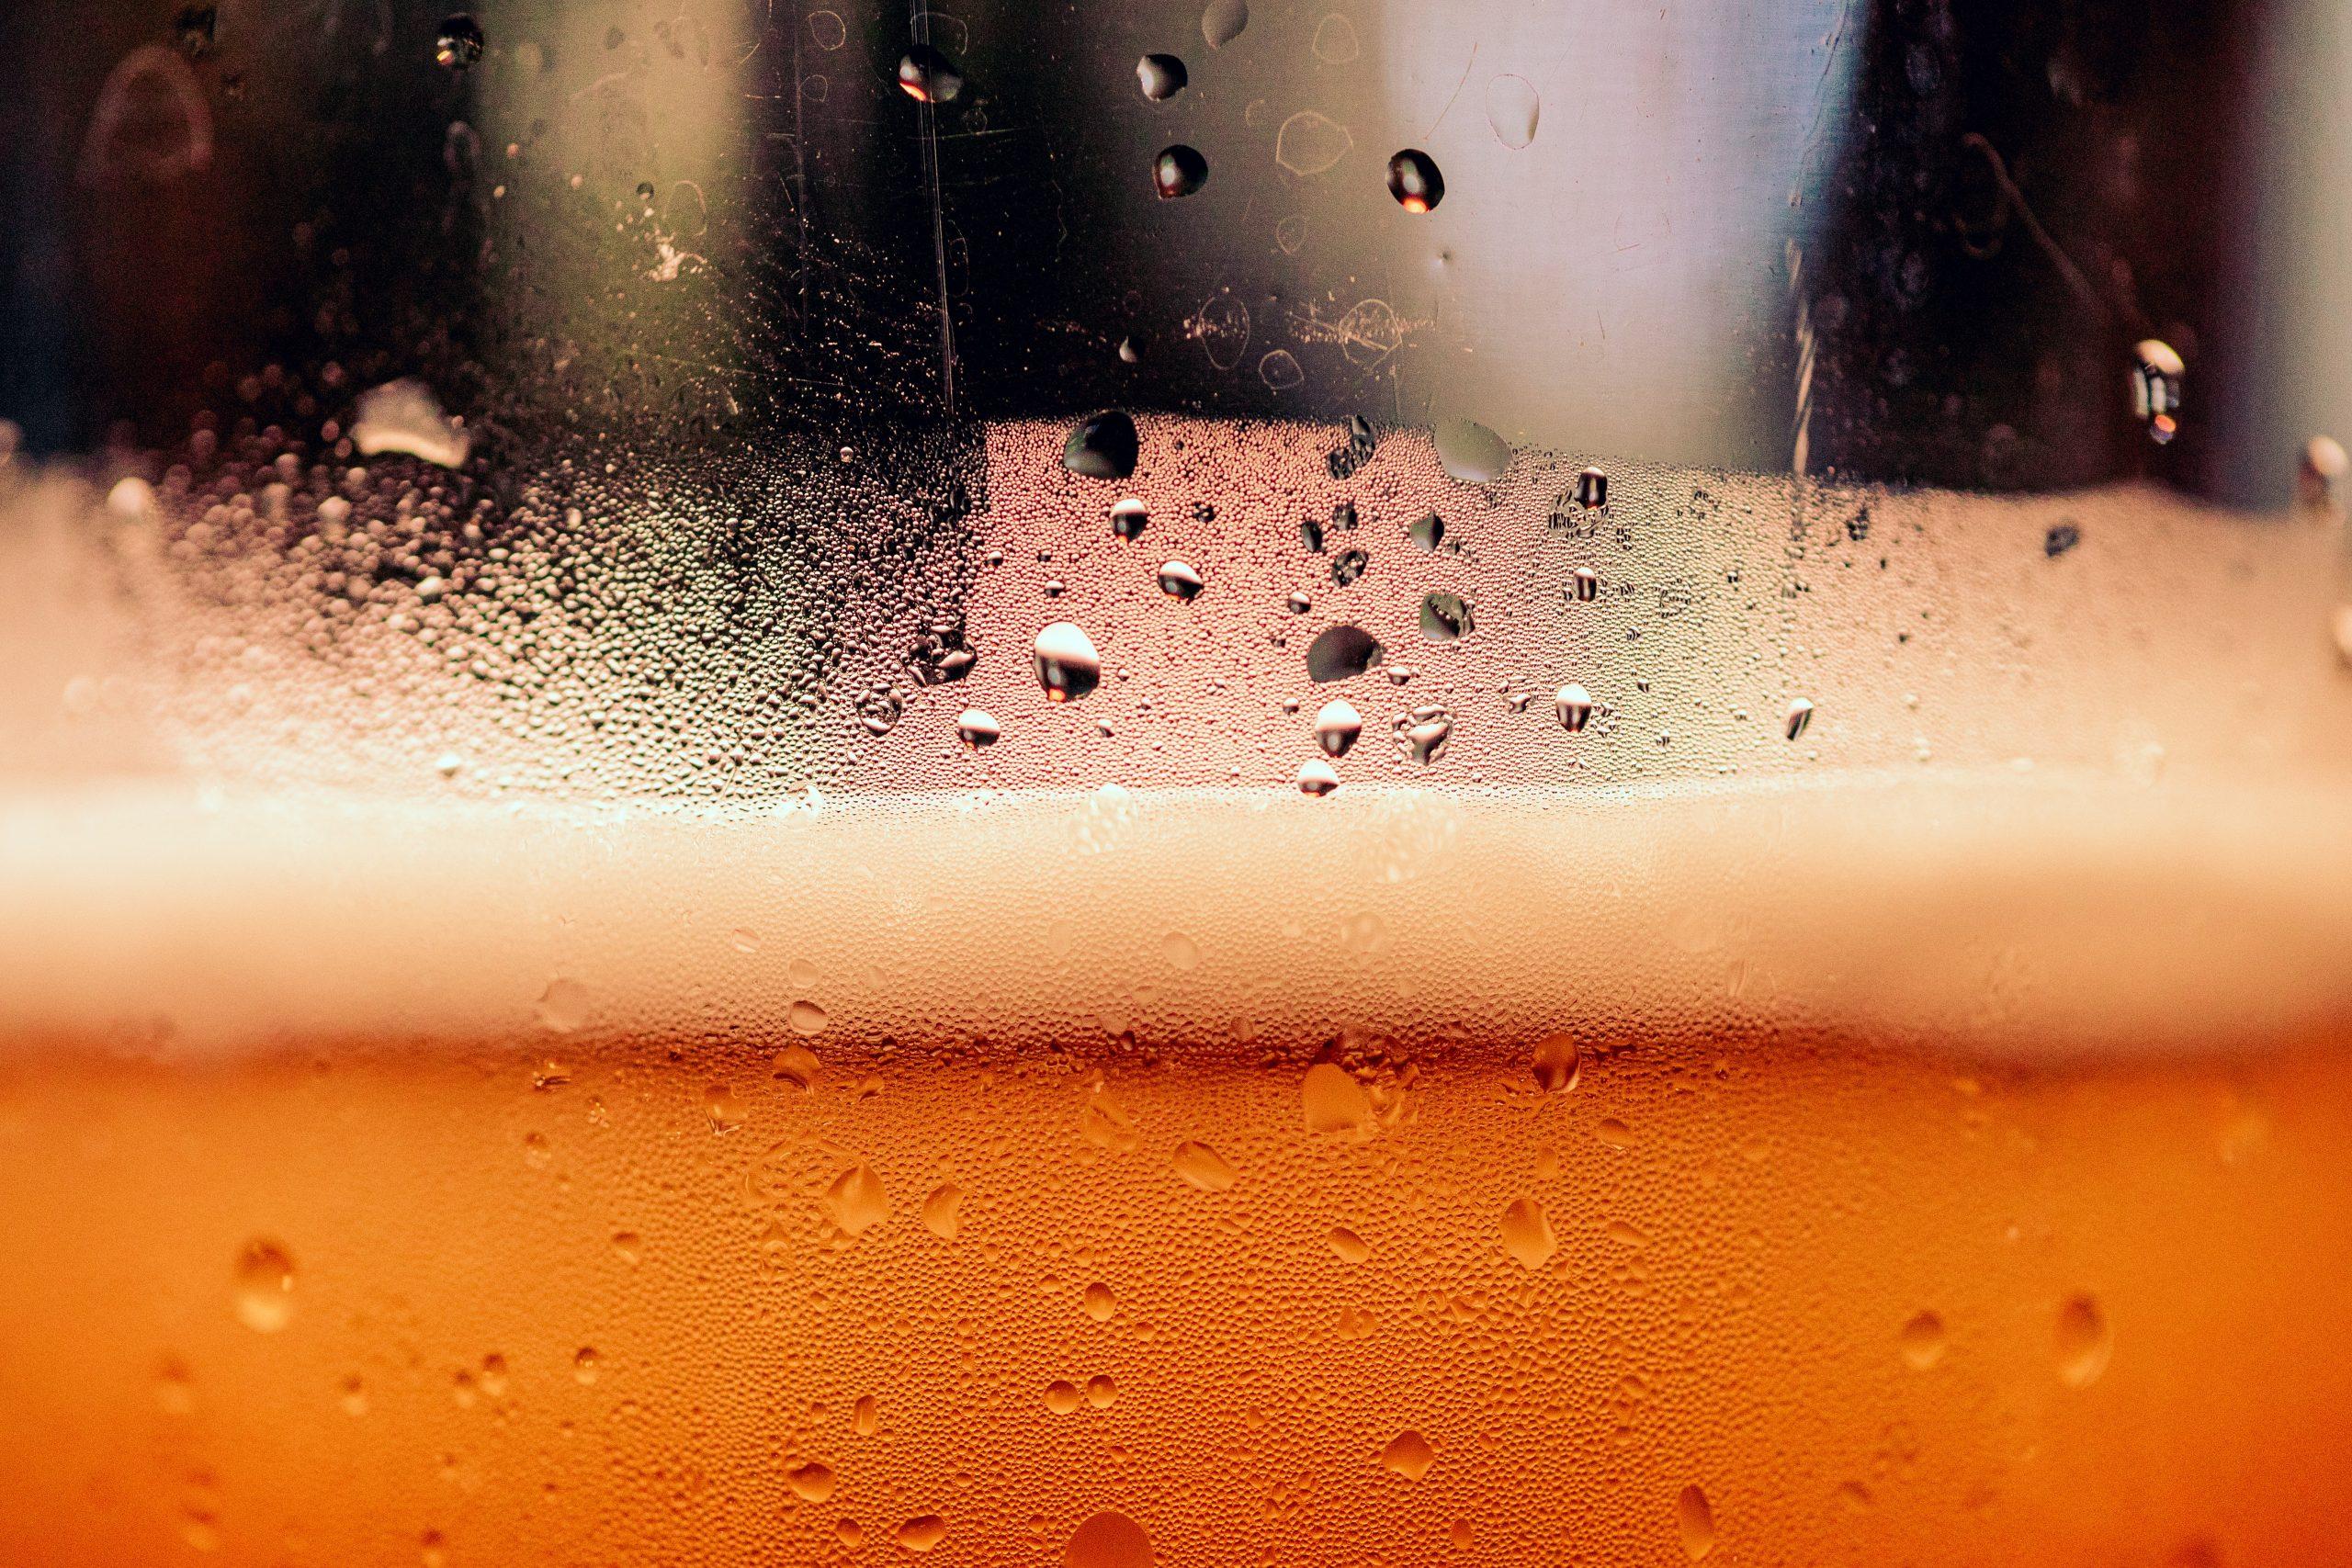 일상을 잠시 내려놓고 맥주를 마시기 좋은 시간